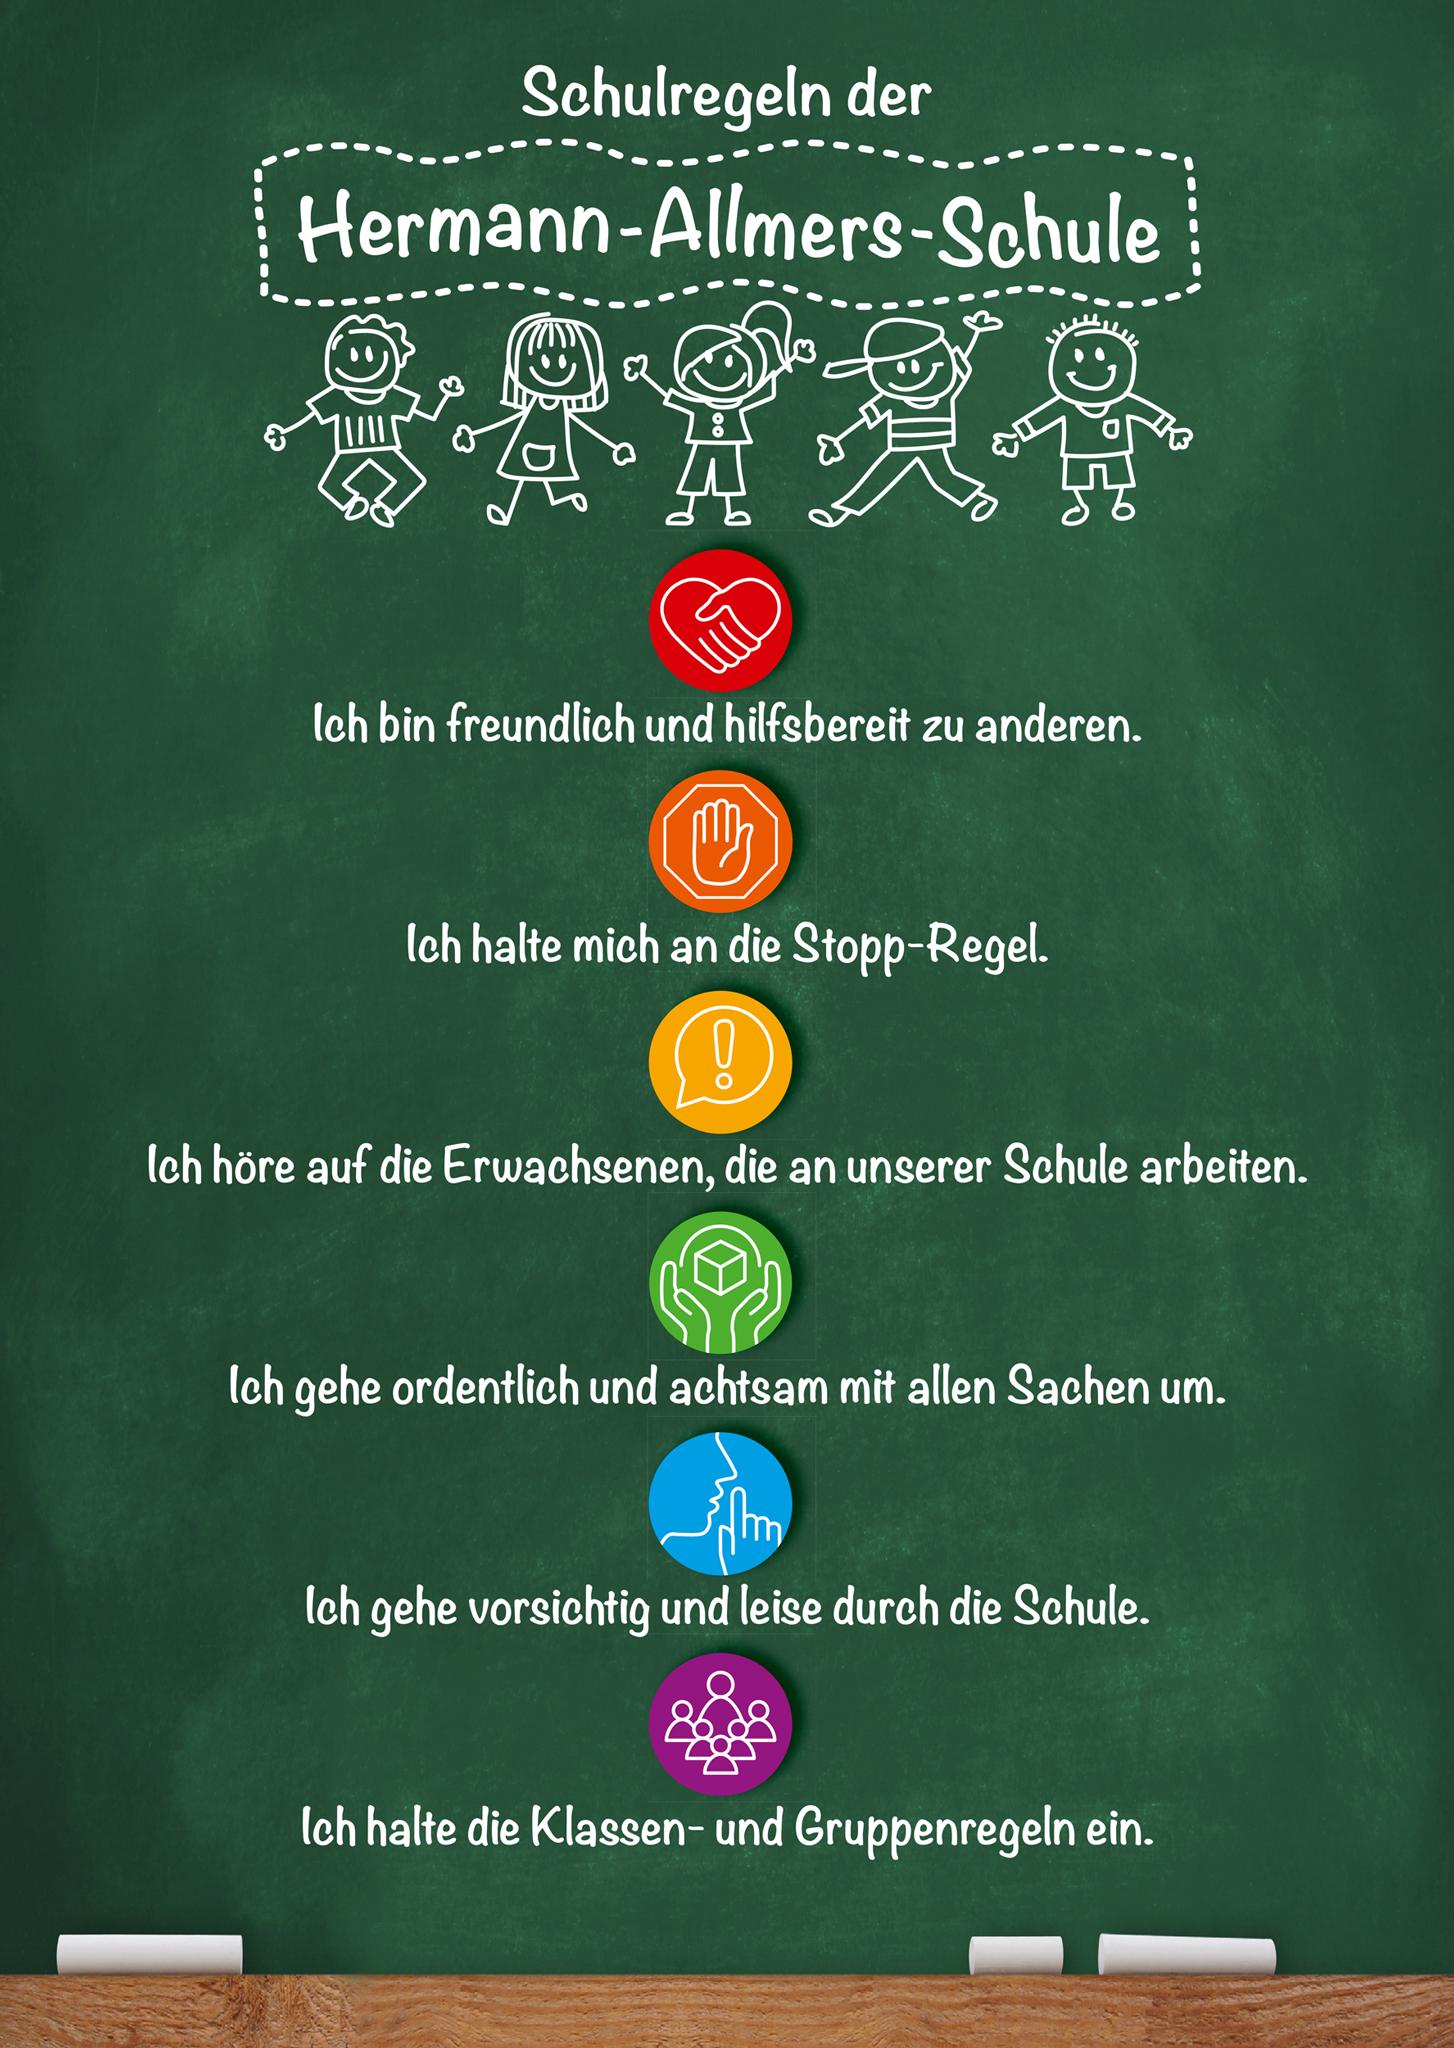 Schulregeln_HermannAllmersSchule